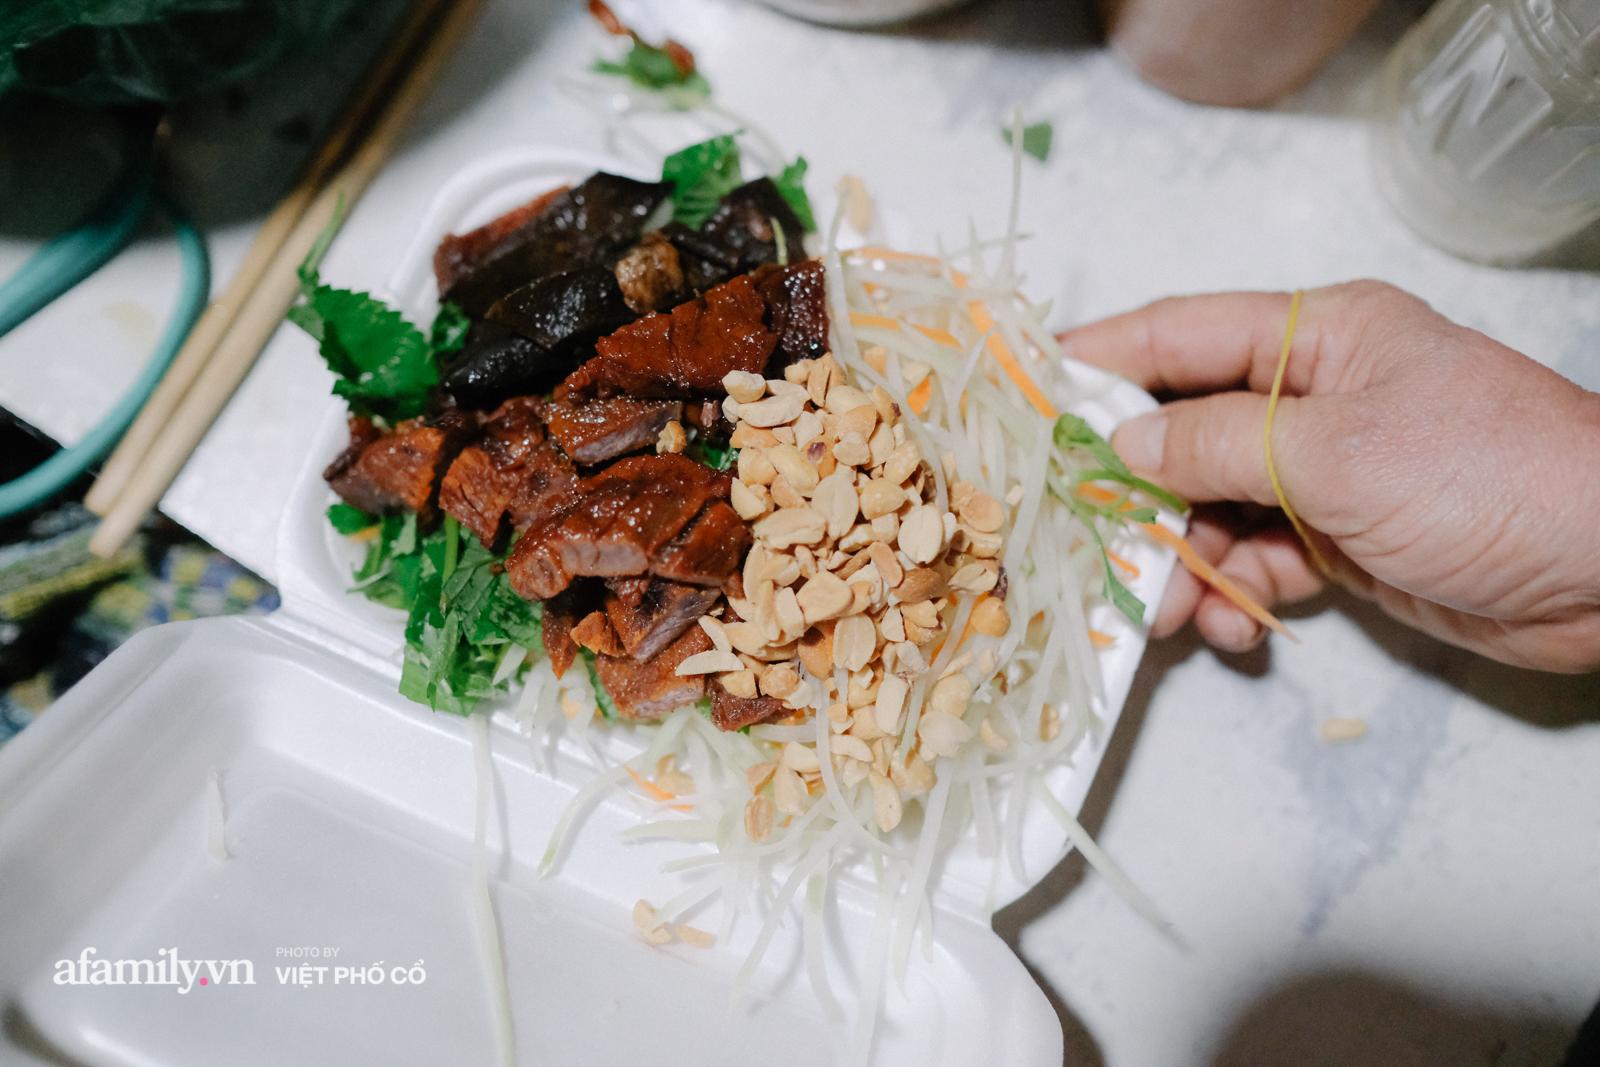 """Quán cóc được mệnh danh """"nộm bò khô ngon nhất Hà Nội"""" của nàng dâu xứ Huế, bán hàng vào giờ rất oái oăm nhưng khách vẫn phải tung chăn, đội gió đến ăn - Ảnh 7."""